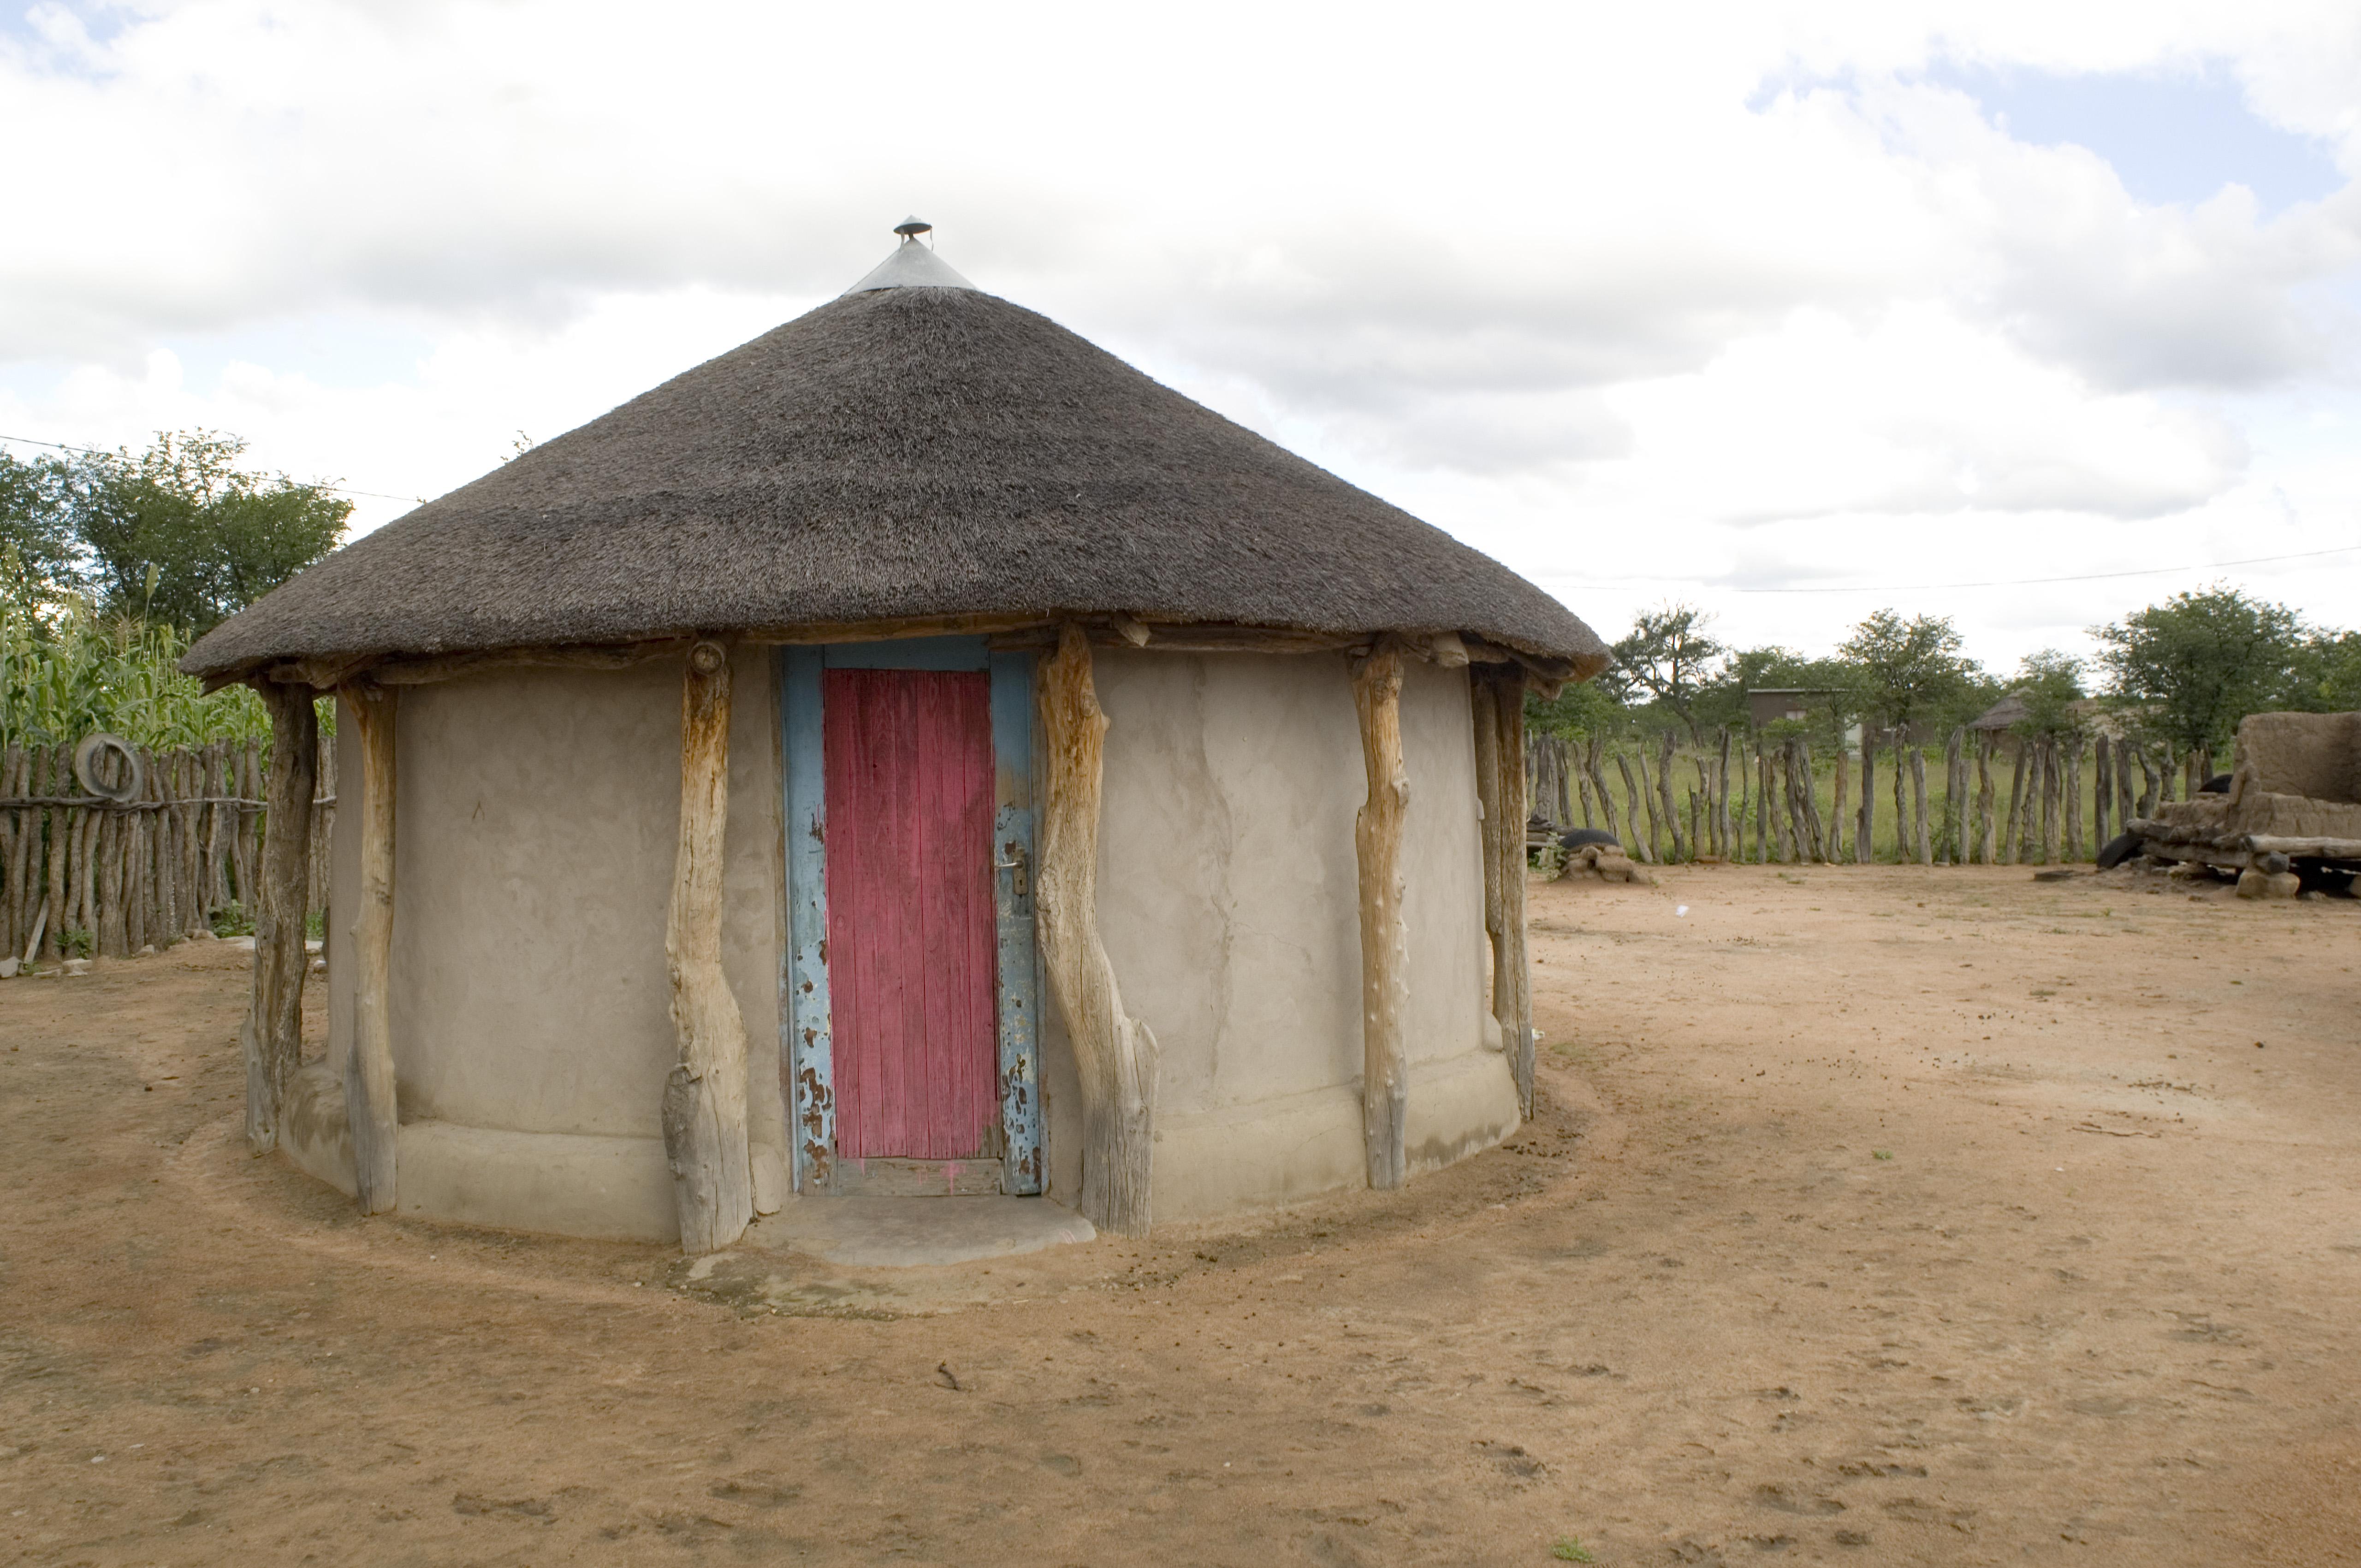 File:Rondavel house in Botswana.jpg - Wikimedia Commons